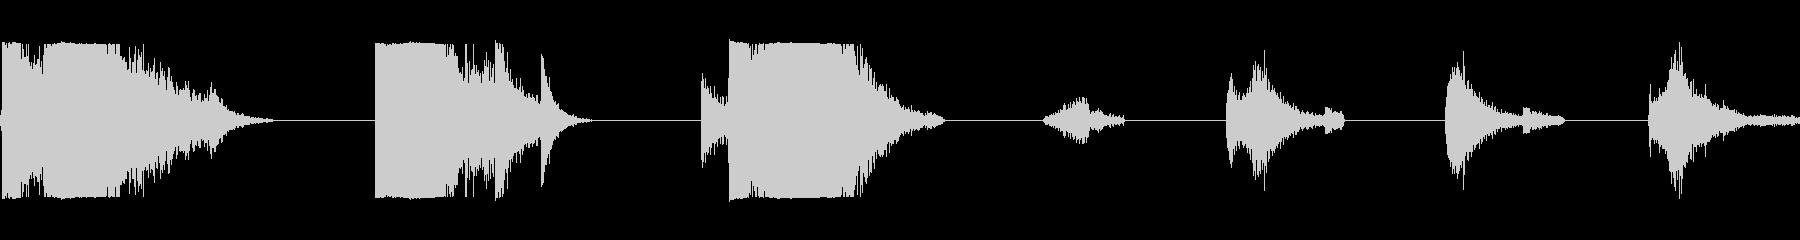 大型メタルドア:ラッチを外してスラ...の未再生の波形